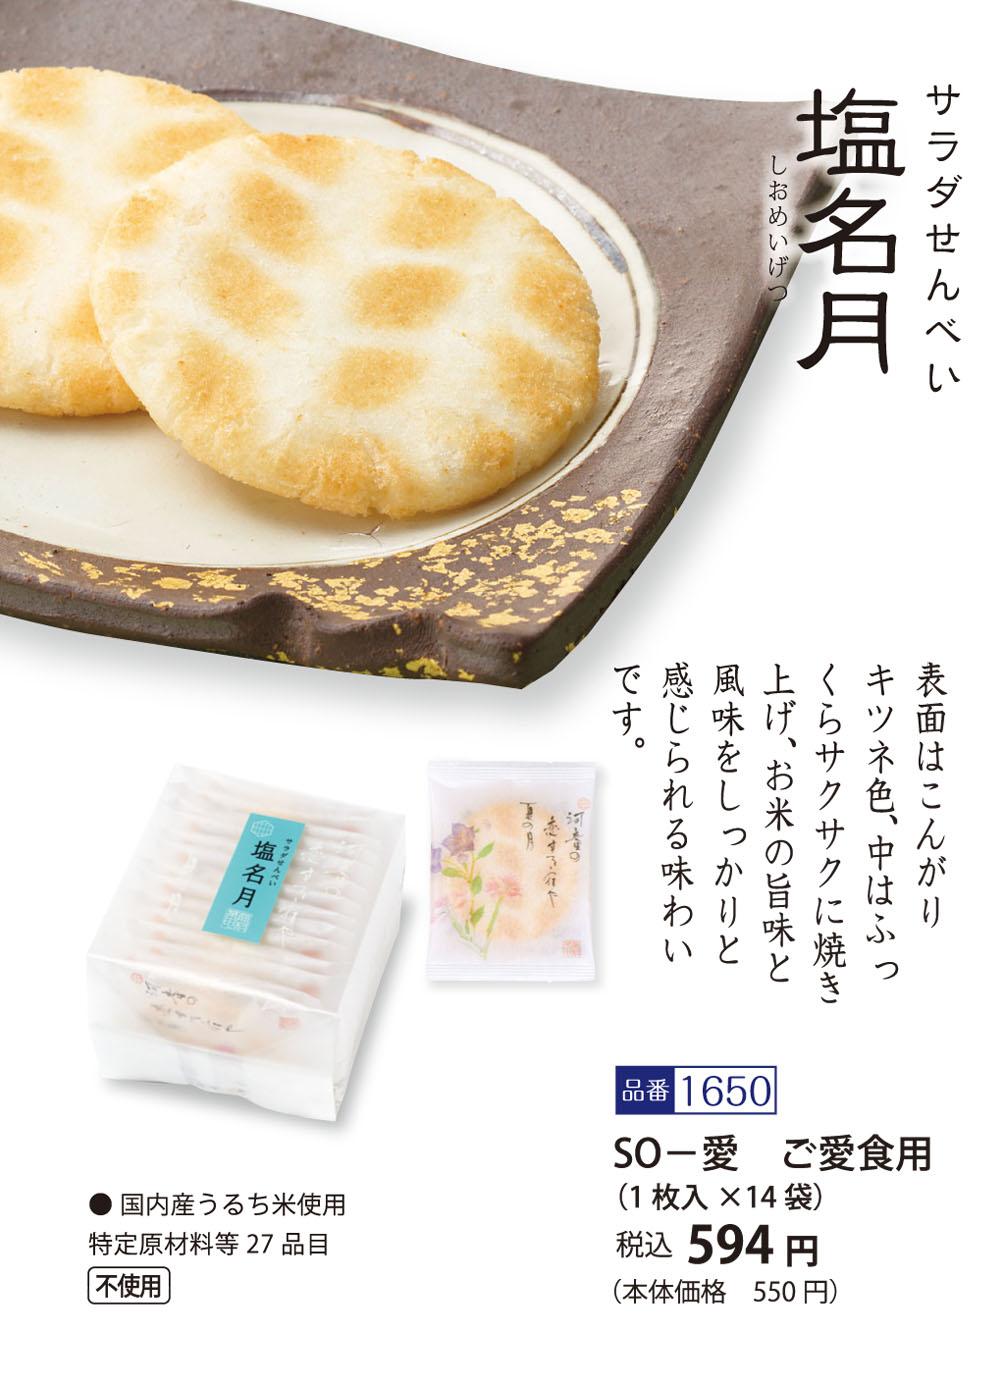 【ご愛食用袋】サラダせんべい 塩名月